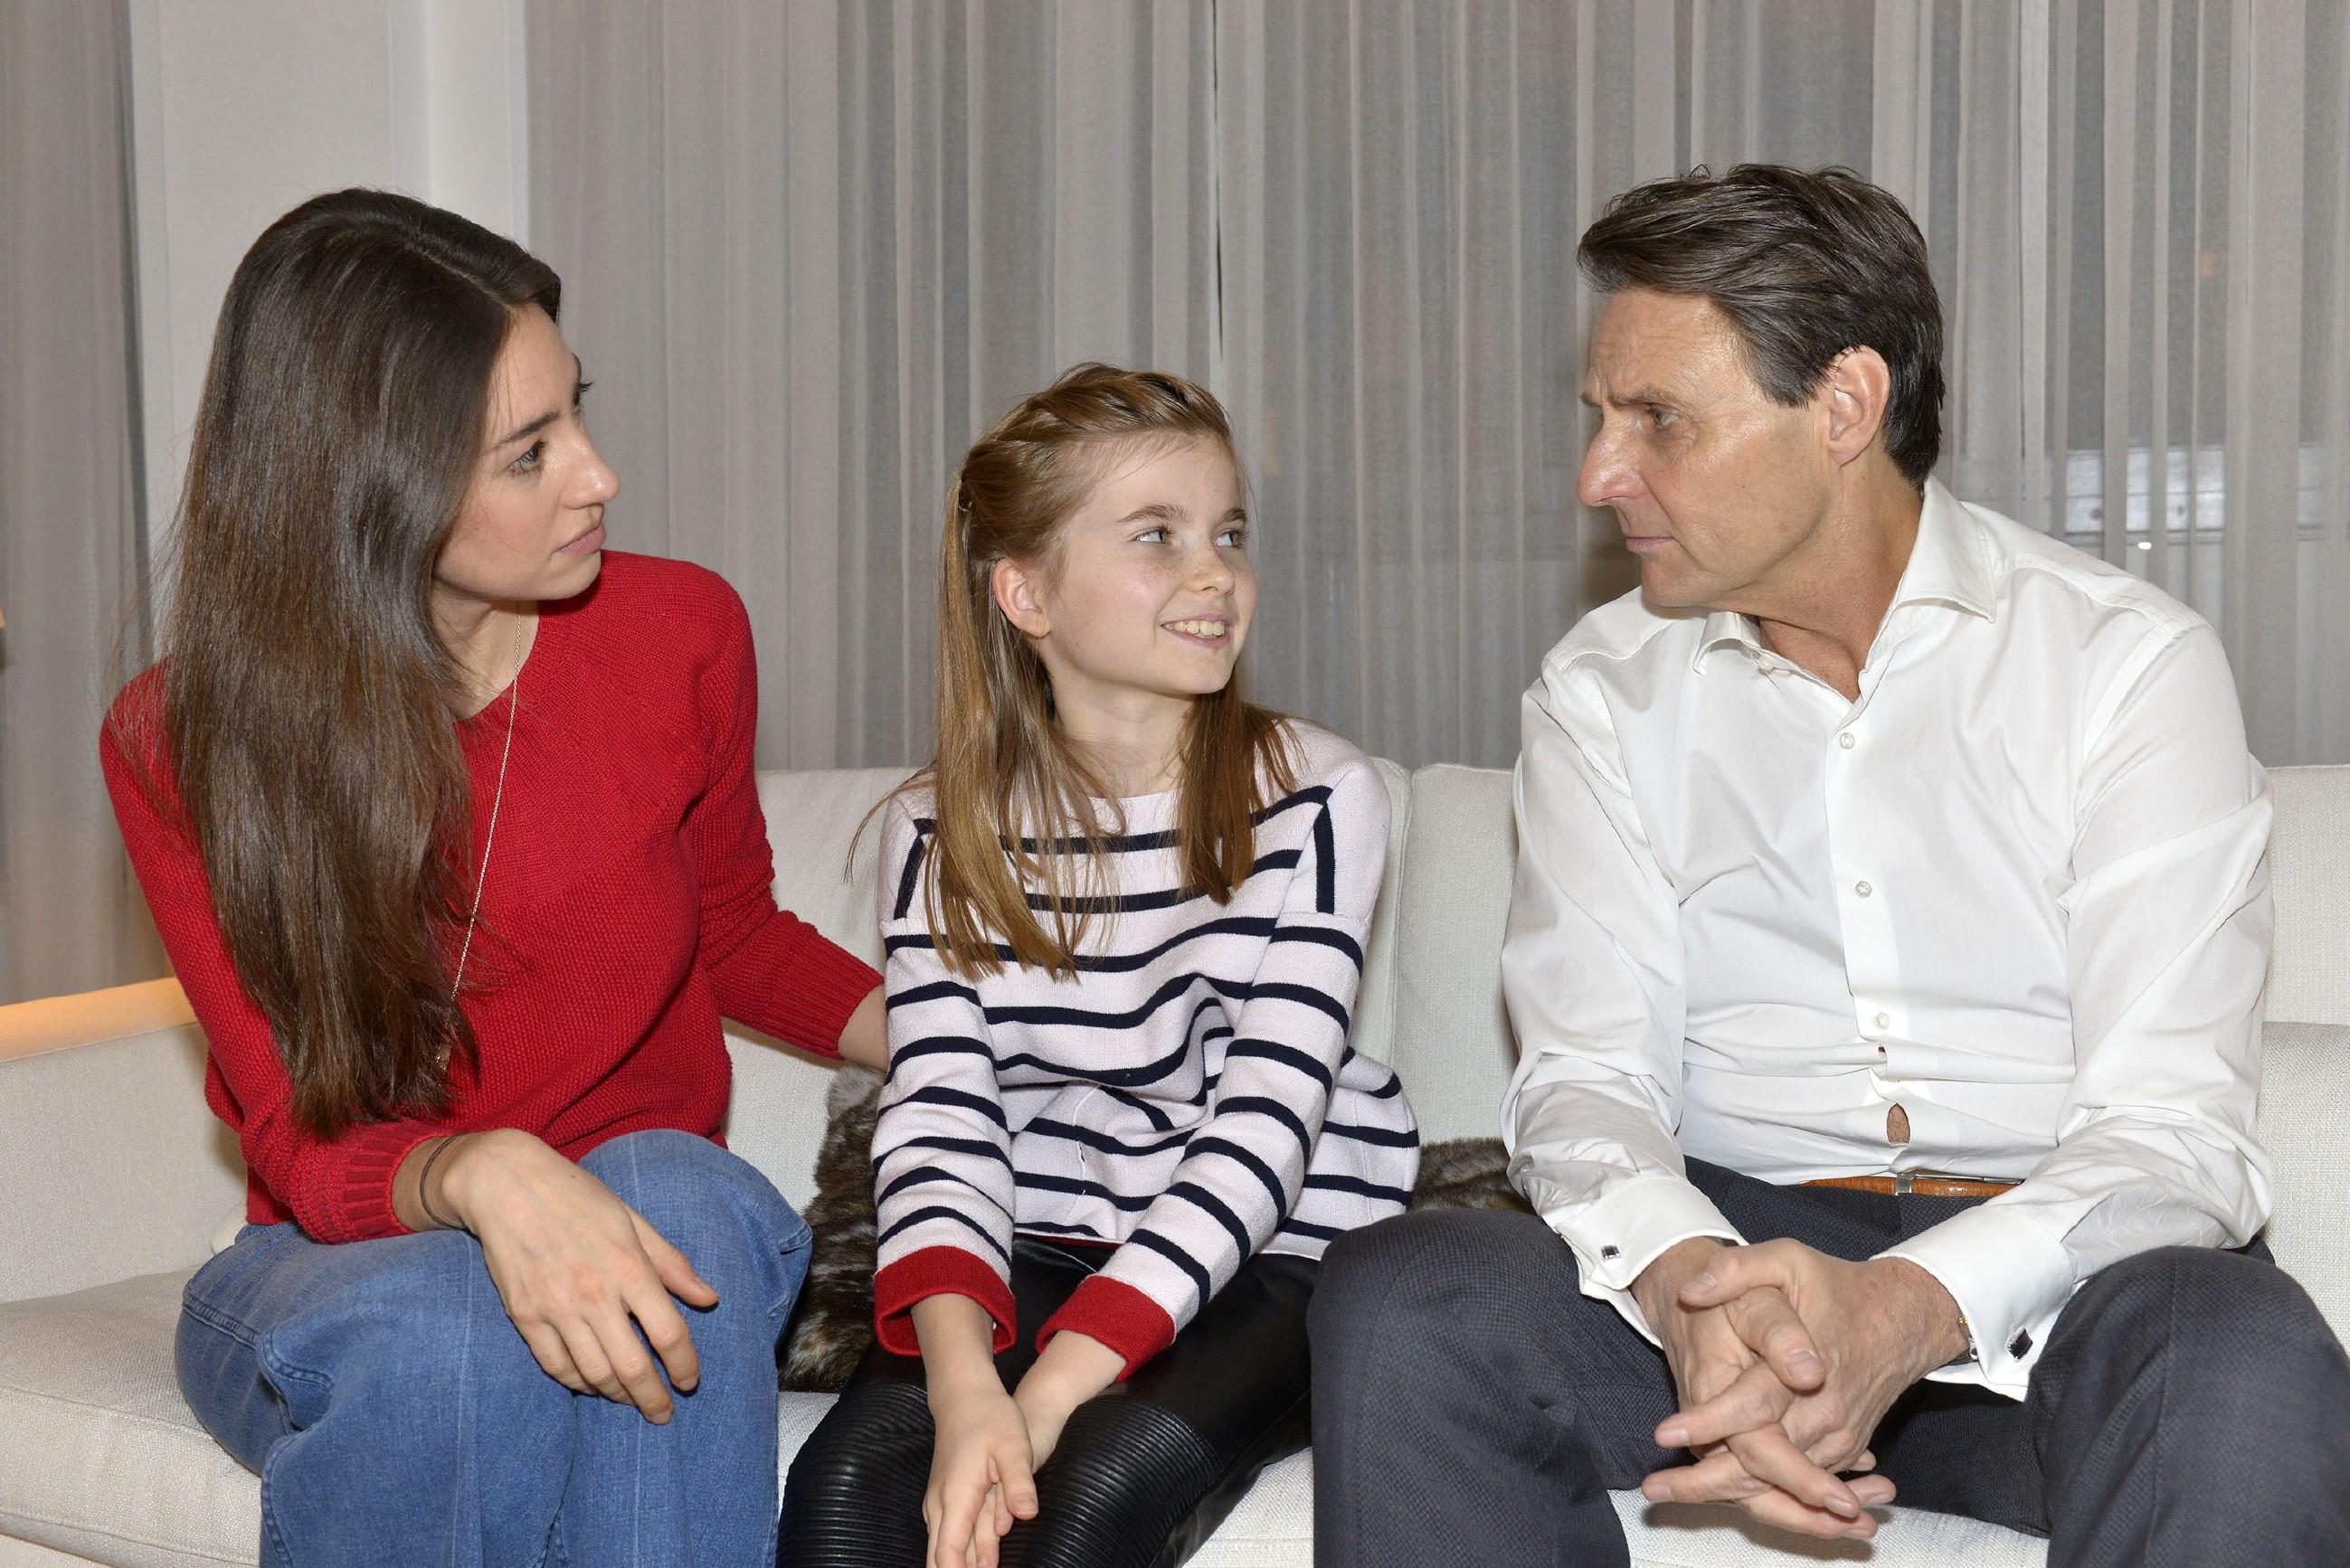 Feinfühlig findet Elena (Elena Garcia Gerlach, l.) die richtigen Worte, um Johanna wegen Katrins Abwesenheit zu trösten, wofür Gerner (Wolfgang Bahro) ihr sehr dankbar ist. (Quelle: RTL / Rolf Baumgartner)